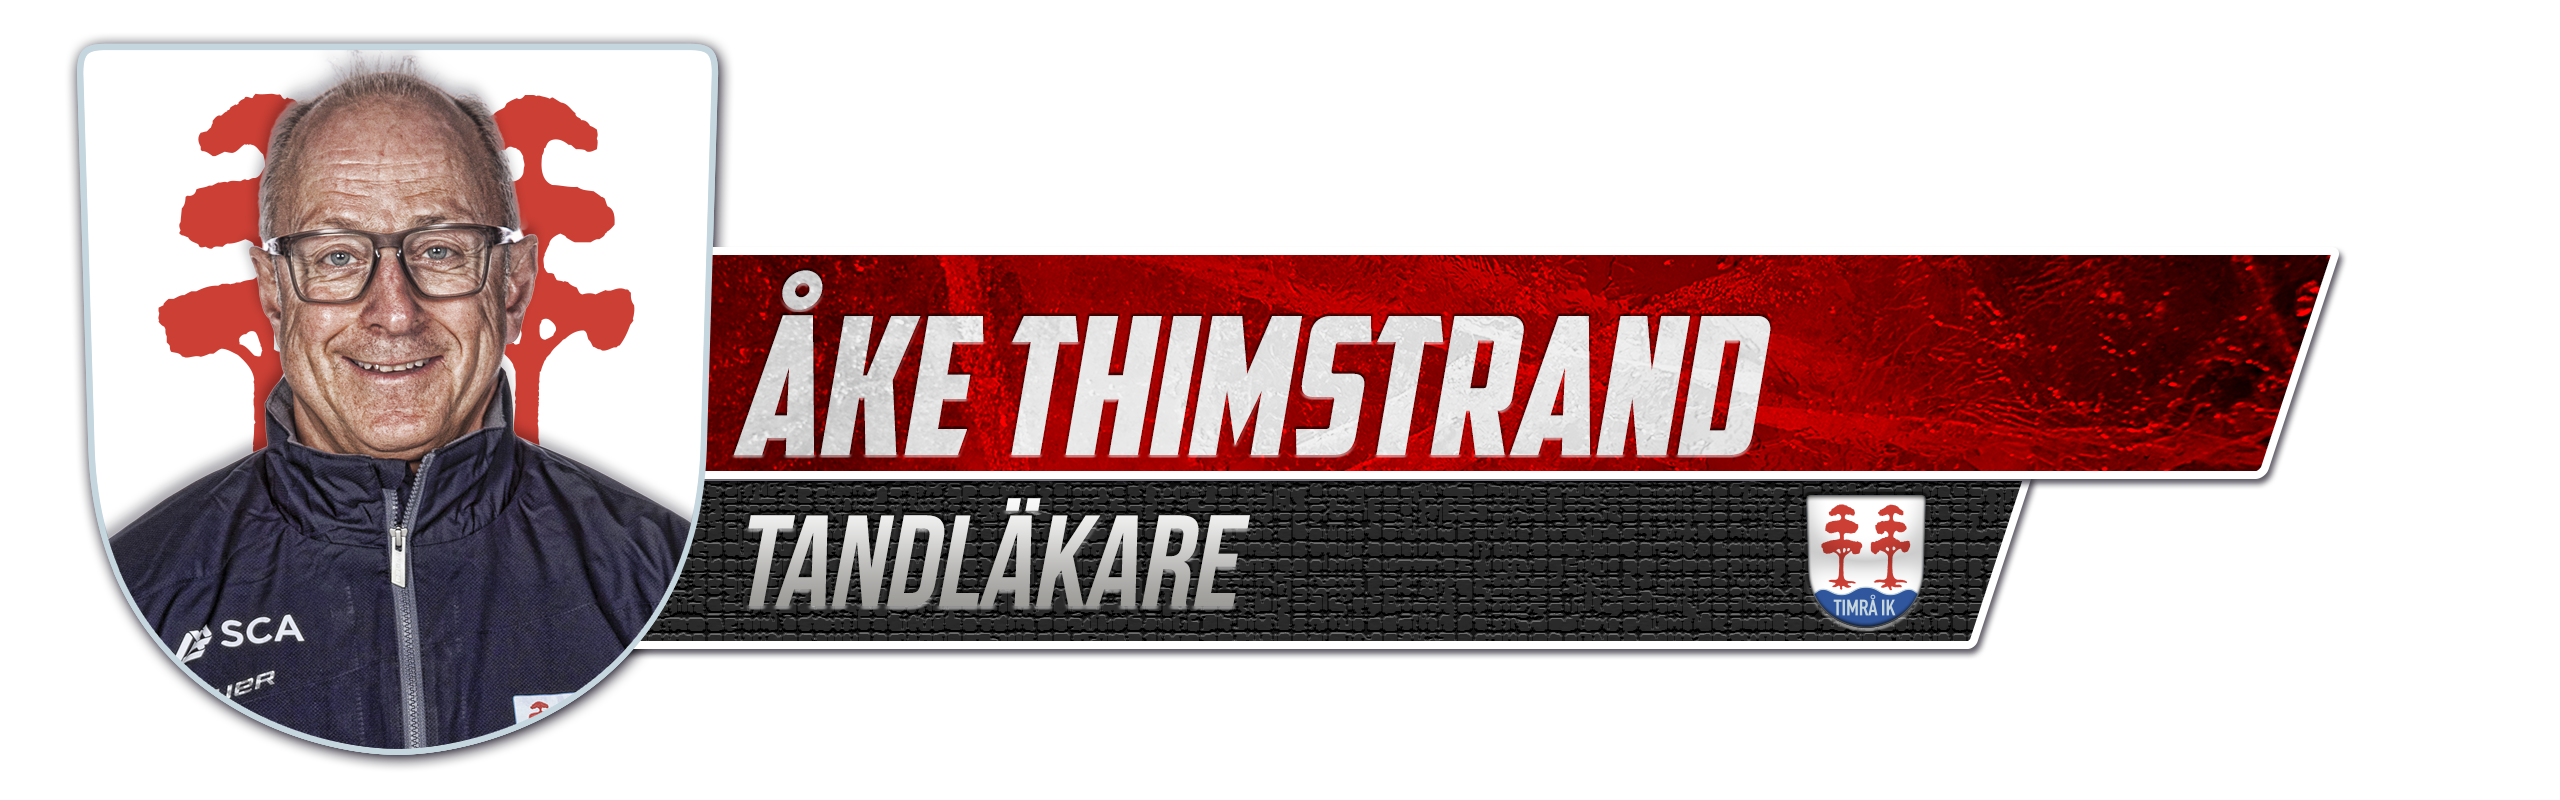 Åke Thimstrand